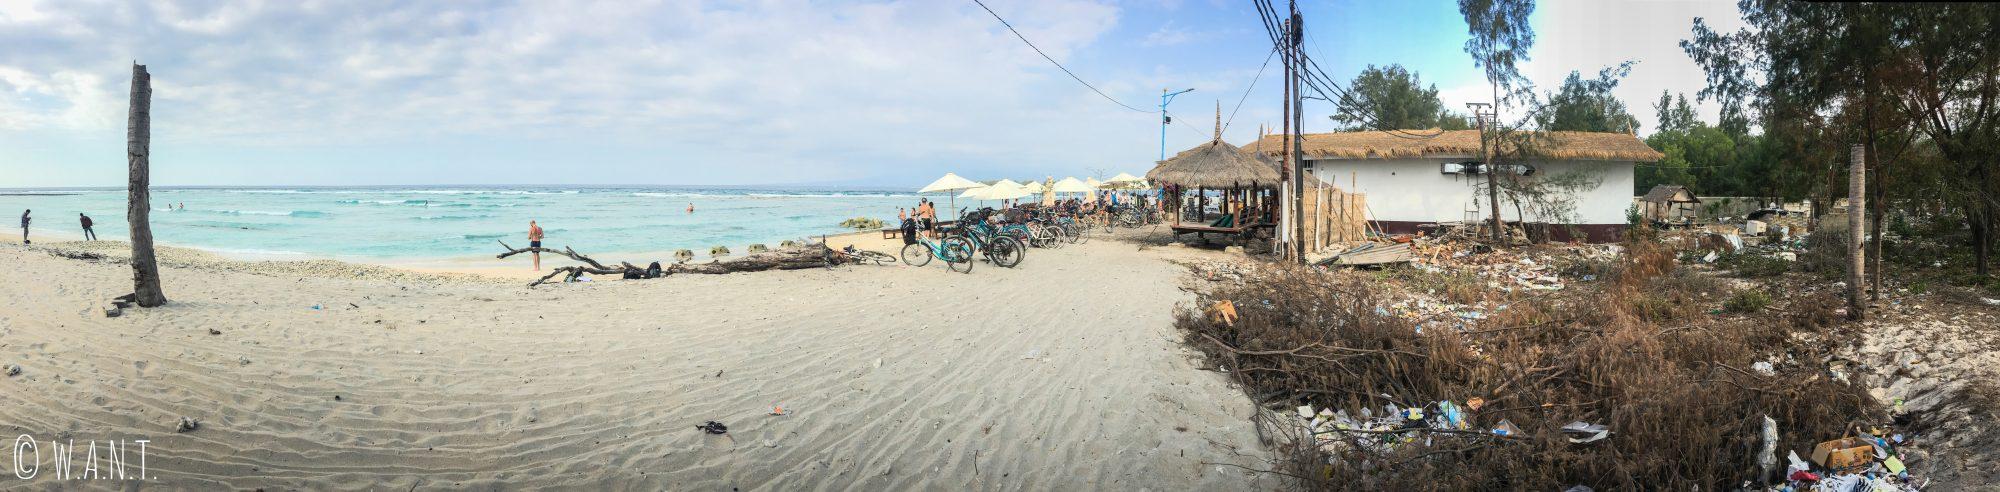 Panorama d'une plage de Gili Trawangan entourée de déchets